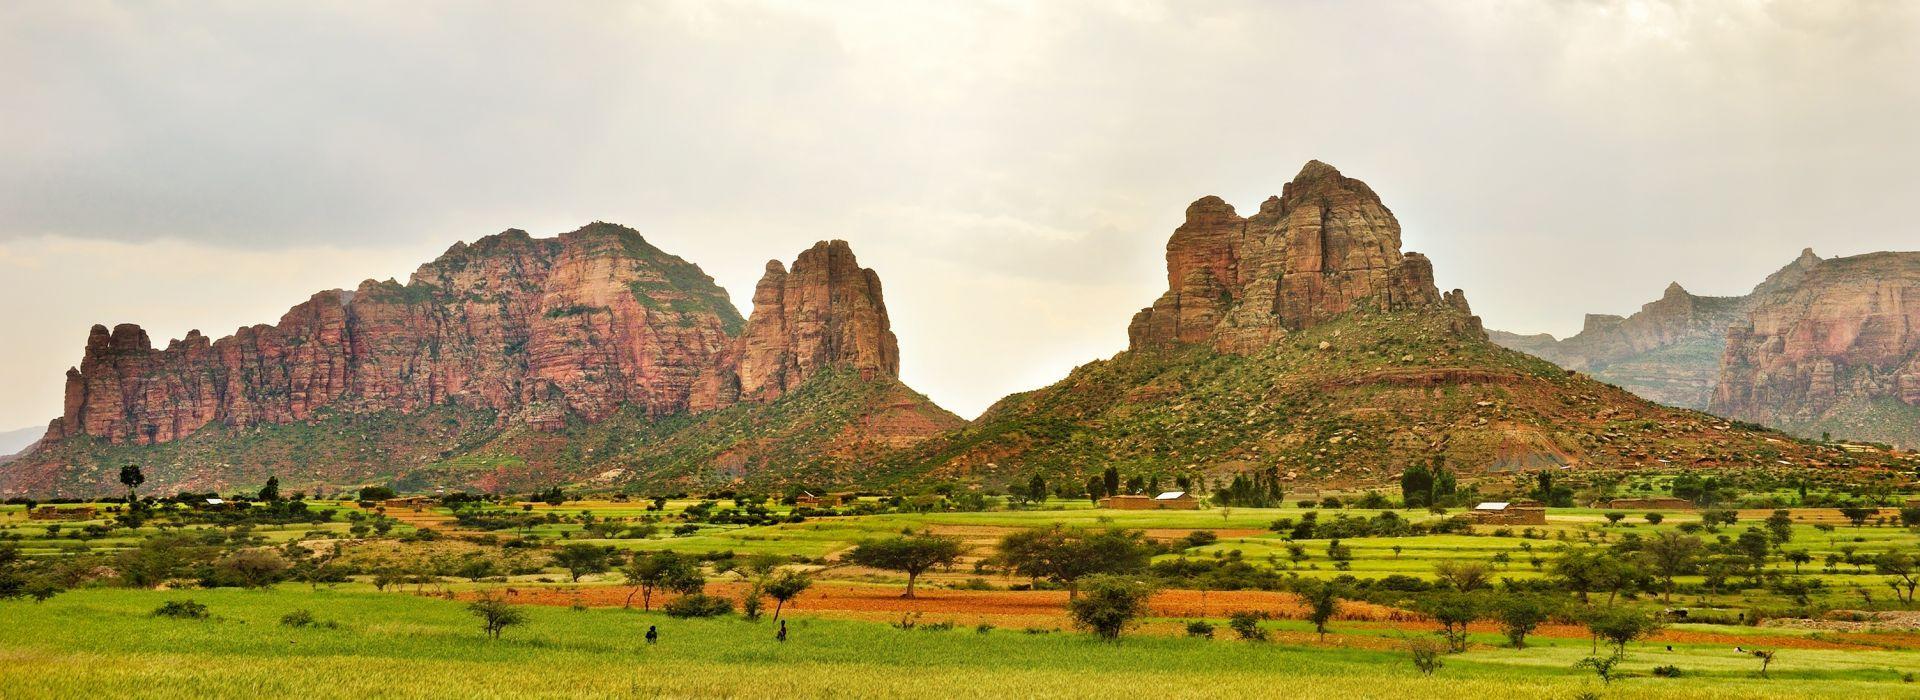 Trekking Tours in Ethiopia